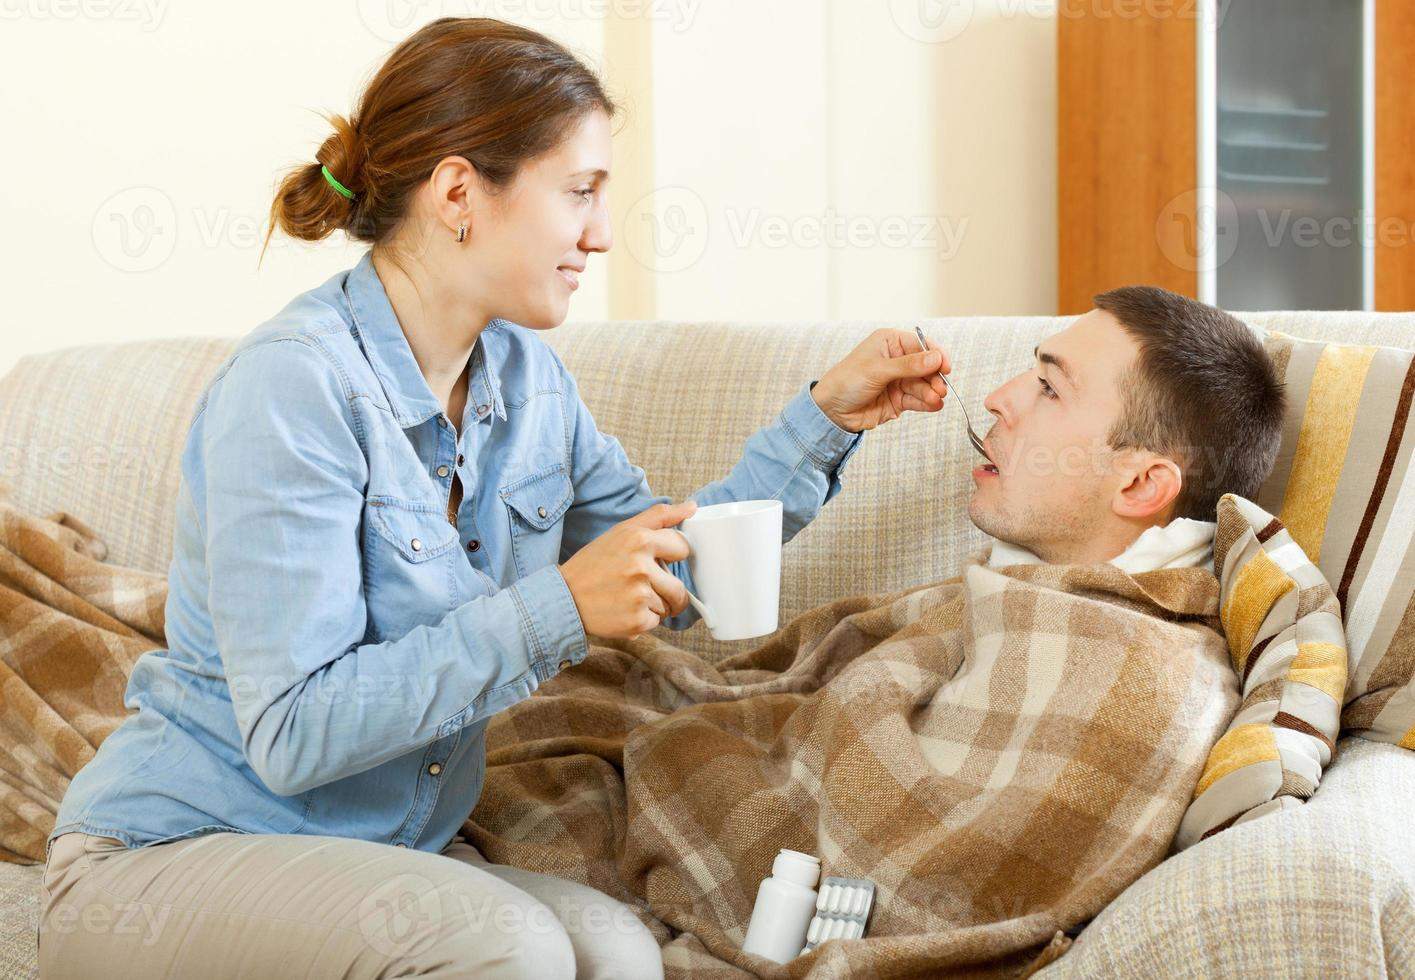 Frauen geben ihrem Mann Tabletten foto